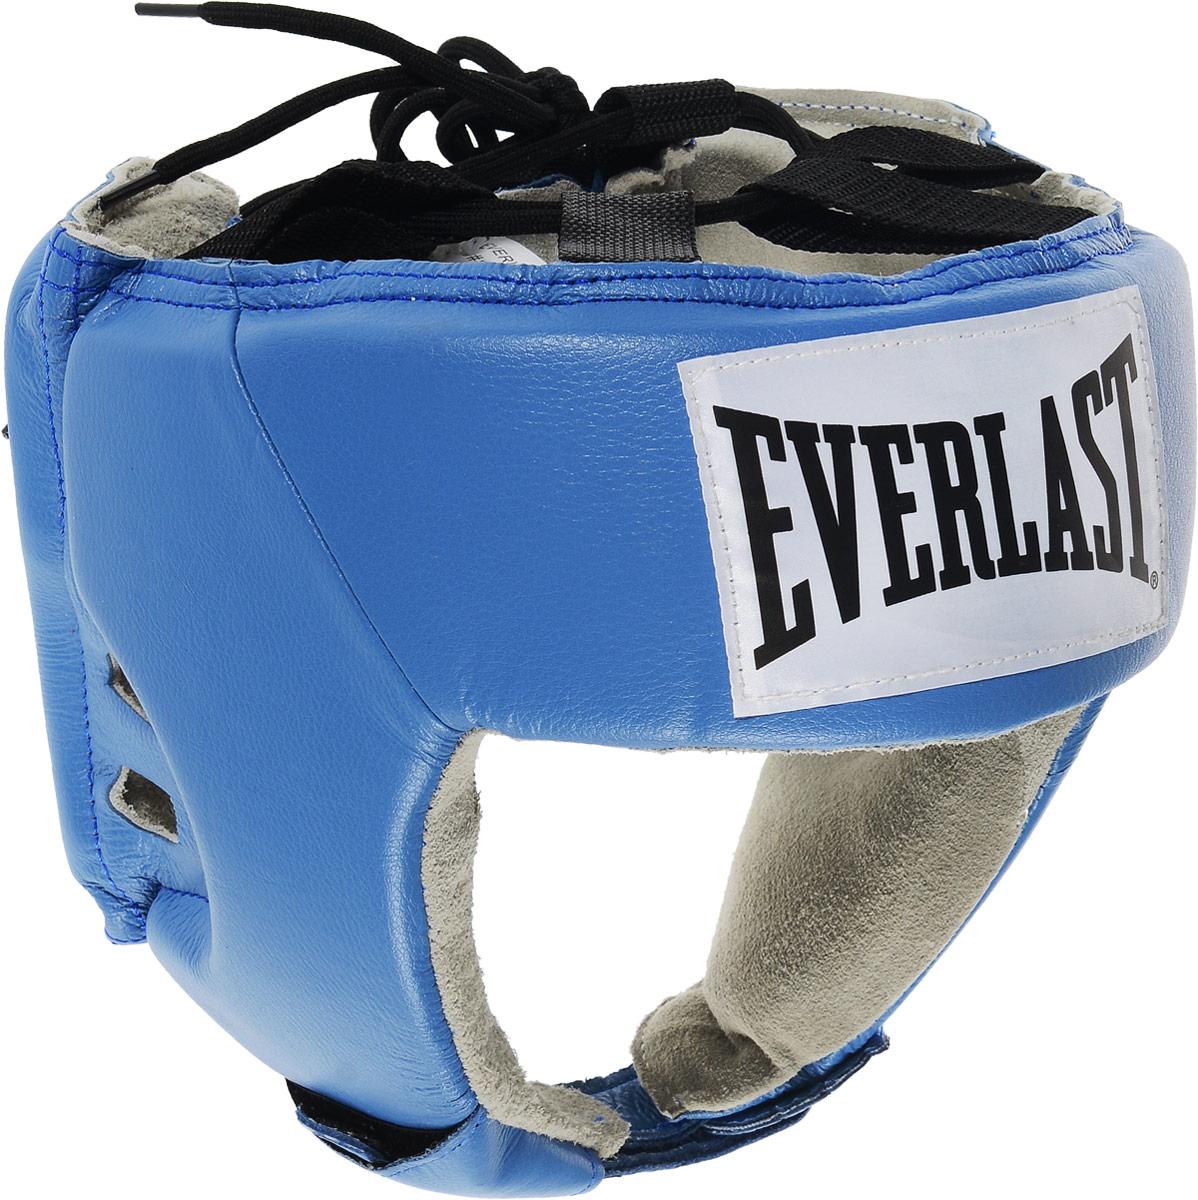 Шлем боксерский Everlast USA Boxing, цвет: синий, белый, черный. Размер XL610606UEverlast USA Boxing - боксерский шлем, разработанный для выступления на любительских соревнованиях и одобренный ассоциацией USA Boxing. Плотный четырехслойный пенный наполнитель превосходно амортизирует удары и значительно снижает риск травмы. Качественная натуральная кожа (снаружи) и не менее качественная замша (внутри) обеспечивают значительный запас прочности и отличную износоустойчивость. Подгонка под необходимый размер и фиксация на голове происходят за счет затягивающихся шнурков. Если вы еще ищите шлем для предстоящих соревнований, то Everlast USA Boxing - это ваш выбор! Диаметр головы: 18 см.